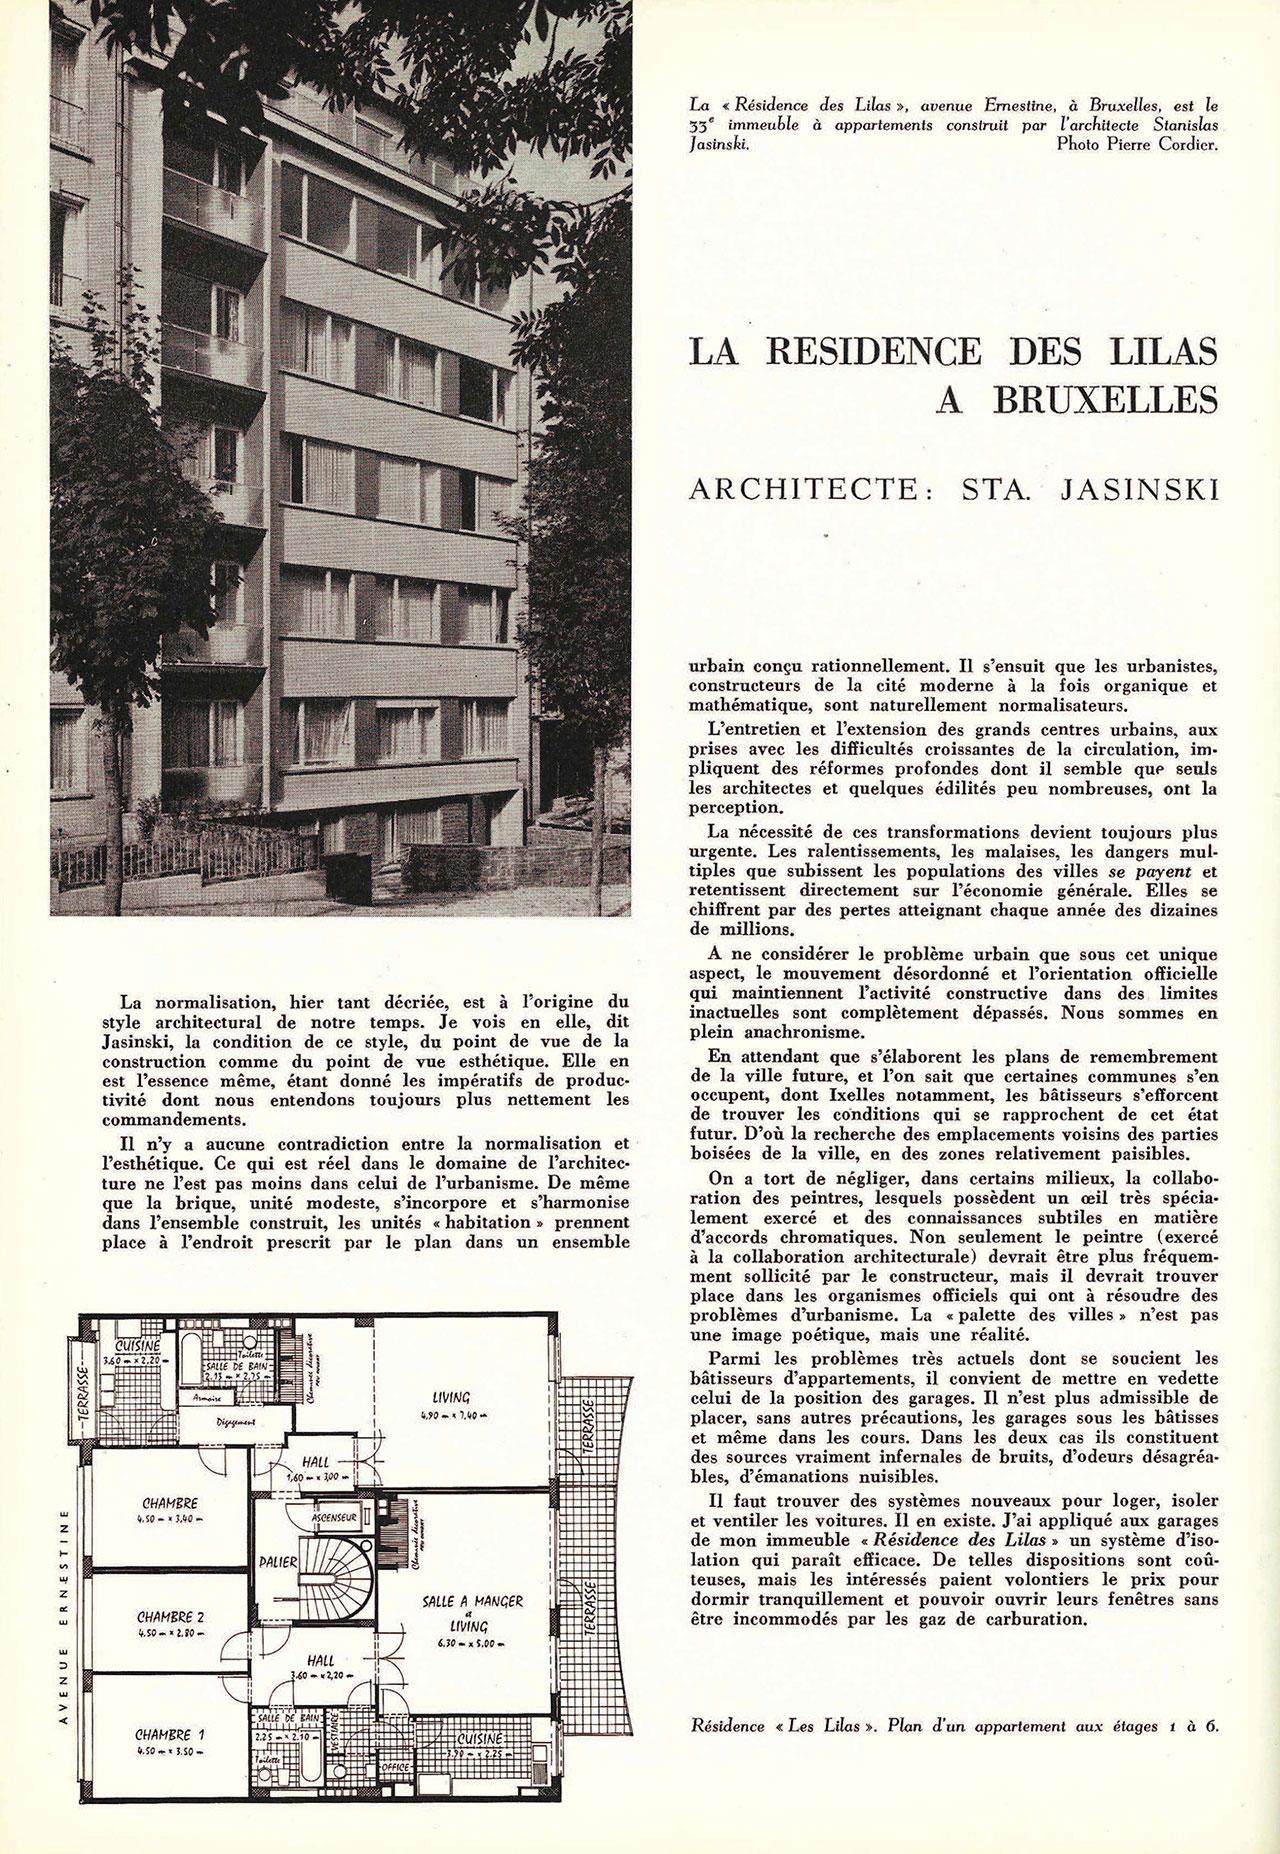 La résidence des lilas à Bruxelles